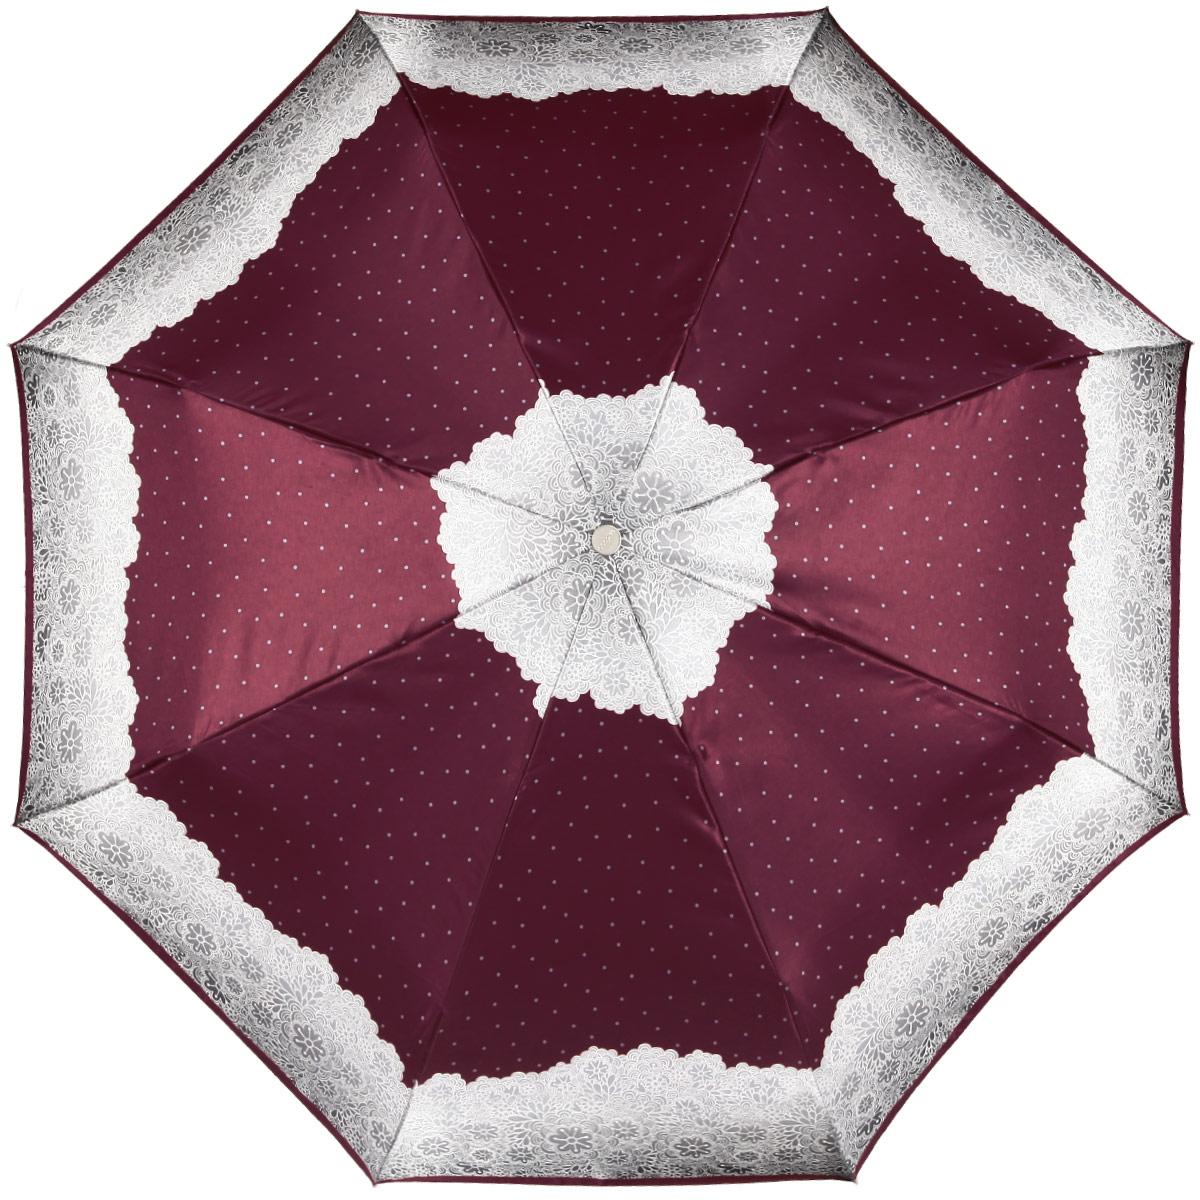 Зонт женский Doppler Apart, автомат, 3 сложения, цвет: бордовый, светло-серый. 74660FGAP74660FGAP_bordoЖенский автоматический зонт Doppler Apart в три сложения изготовлен из искусственного шелка, карбона и пластика. Изделие оформлено ярким принтом с изображением узоров. Зонт имеет полностью автоматический механизм сложения: купол открывается и закрывается нажатием кнопки на рукоятке, стержень складывается вручную до характерного щелчка, благодаря чему открыть и закрыть зонт можно одной рукой, что чрезвычайно удобно при входе в транспорт или помещение. Каркас зонта снабжен системой Двойной антиветер и состоит из восьми надежных спиц. Купол изделия выполнен из прочного искусственного шелка. Рукоятка, разработанная с учетом требований эргономики, выполнена из приятного на ощупь пластика. На рукоятке для удобства есть небольшой шнурок, позволяющий надеть зонт на руку тогда, когда это будет необходимо. К зонту прилагается чехол, который оформлен символикой бренда. Такой зонт не только надежно защитит вас от дождя, но и станет стильным аксессуаром, который идеально подчеркнет...